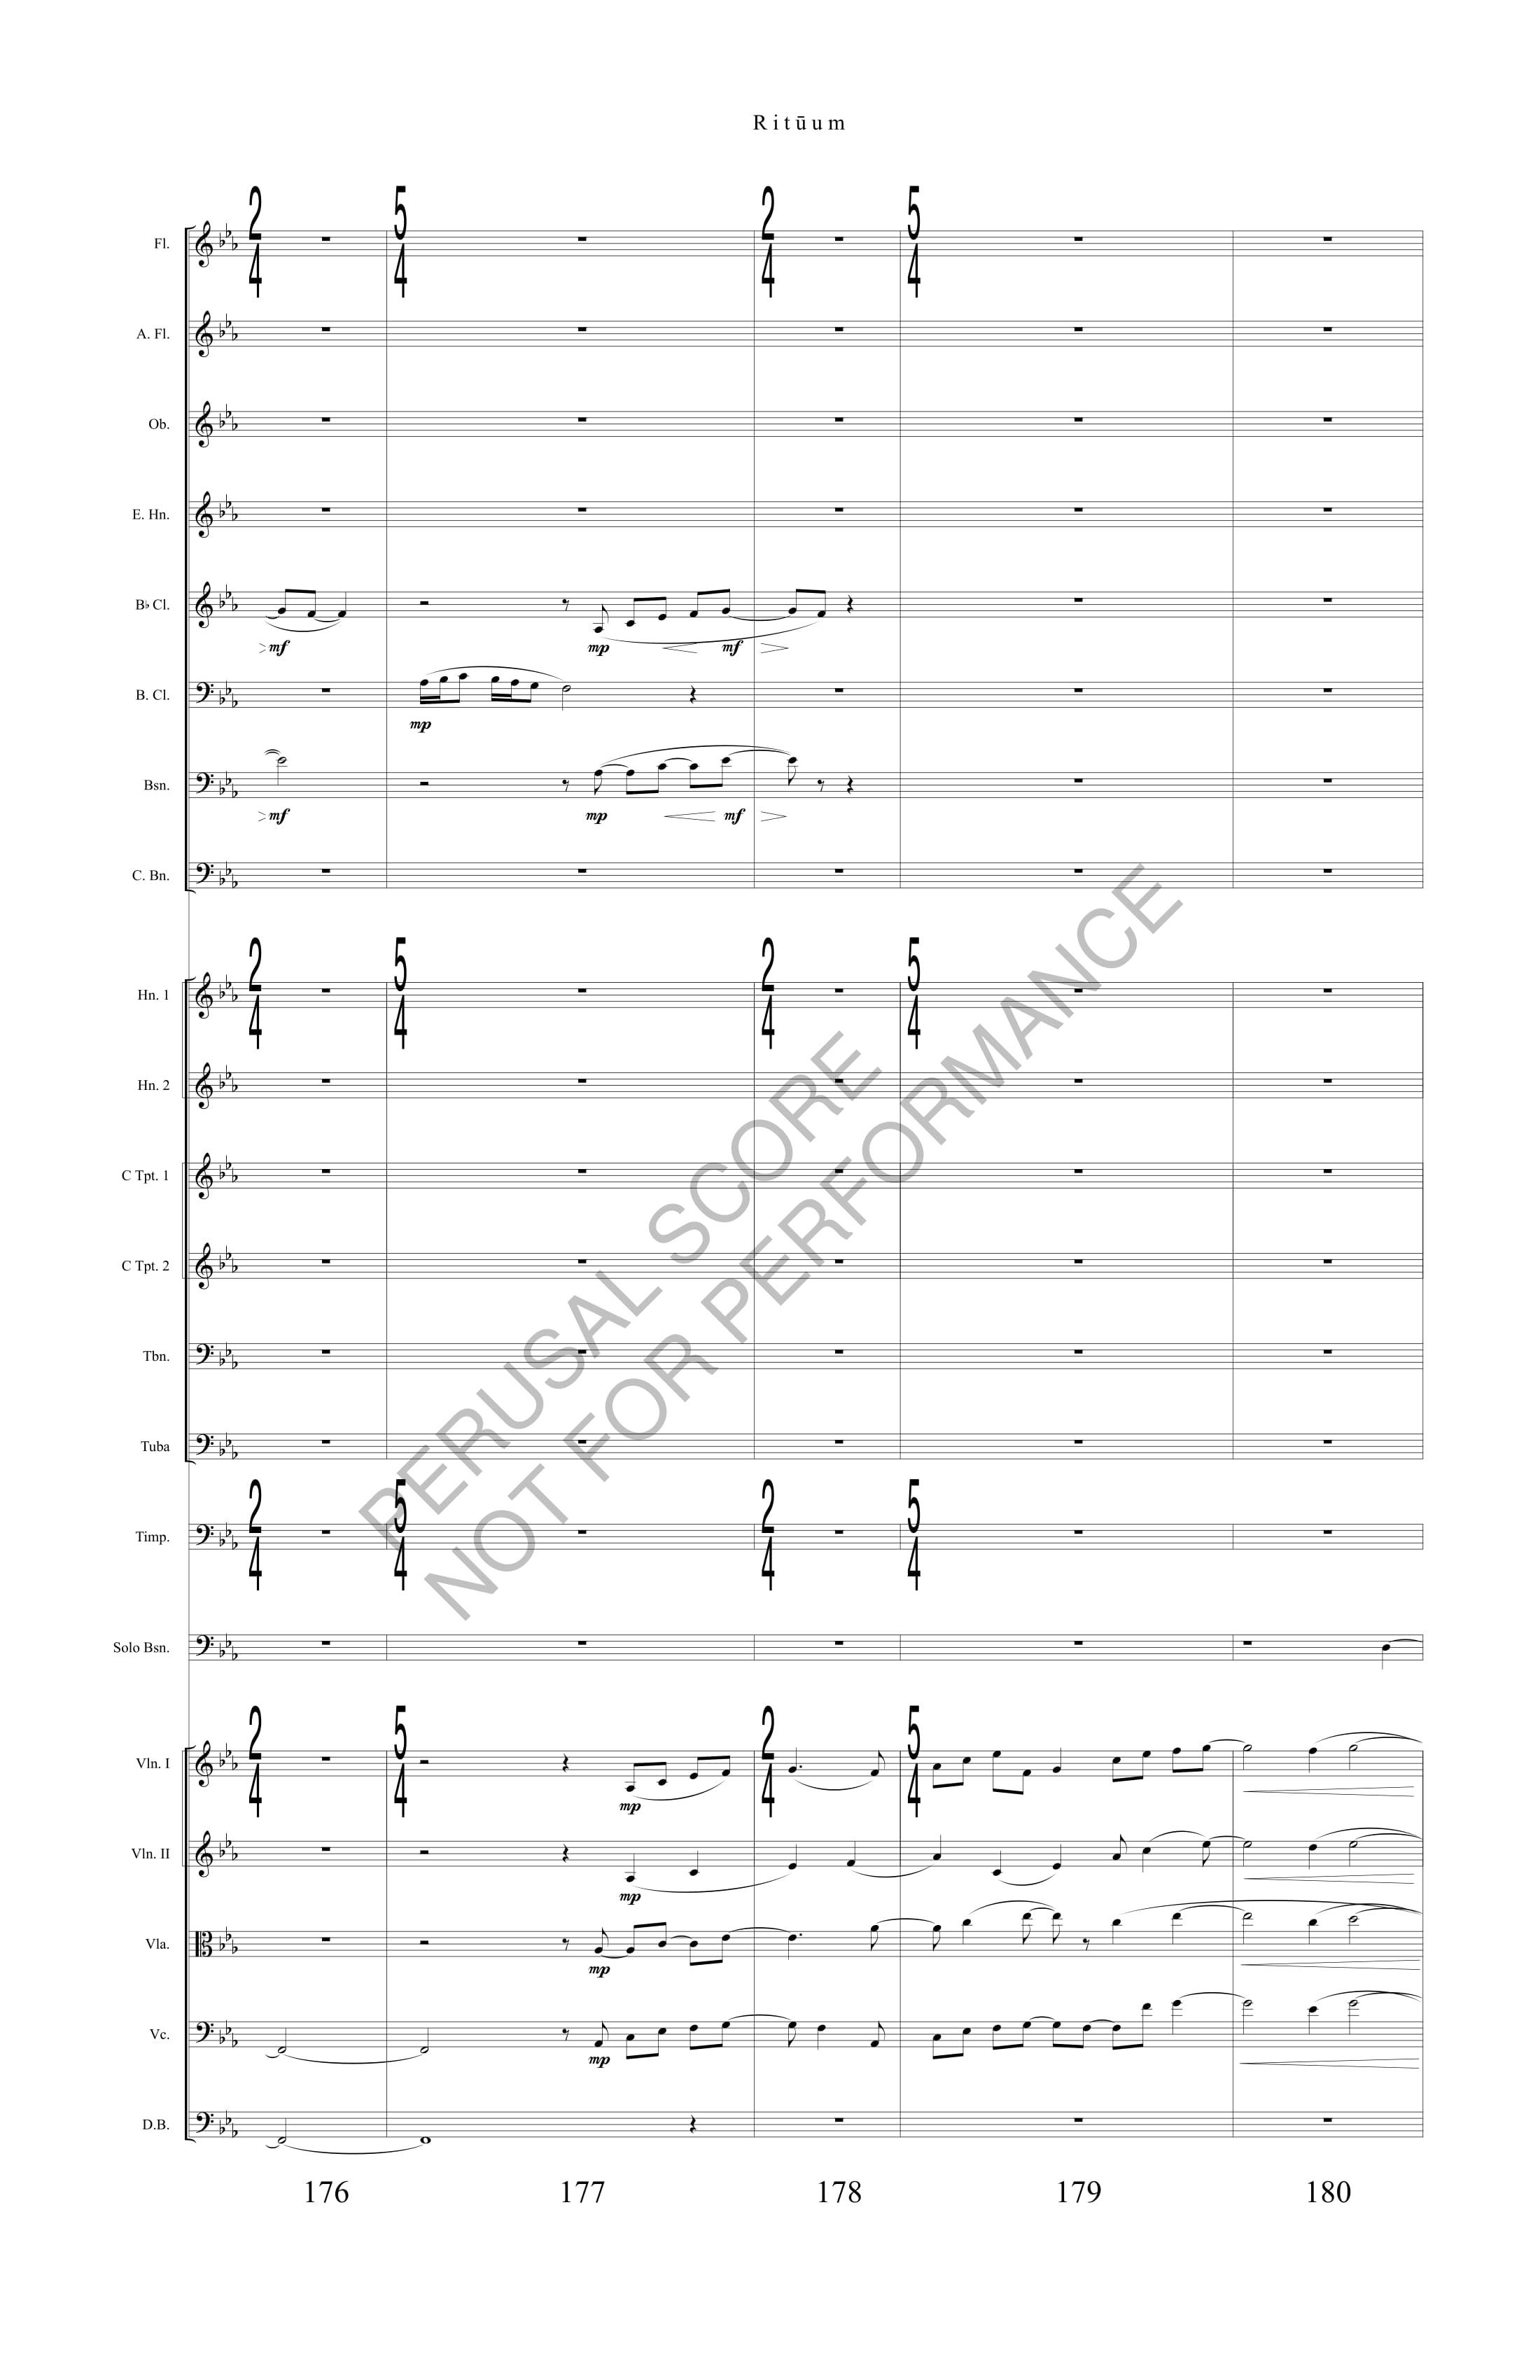 Boyd Rituum Score-watermark (1)-43.jpg